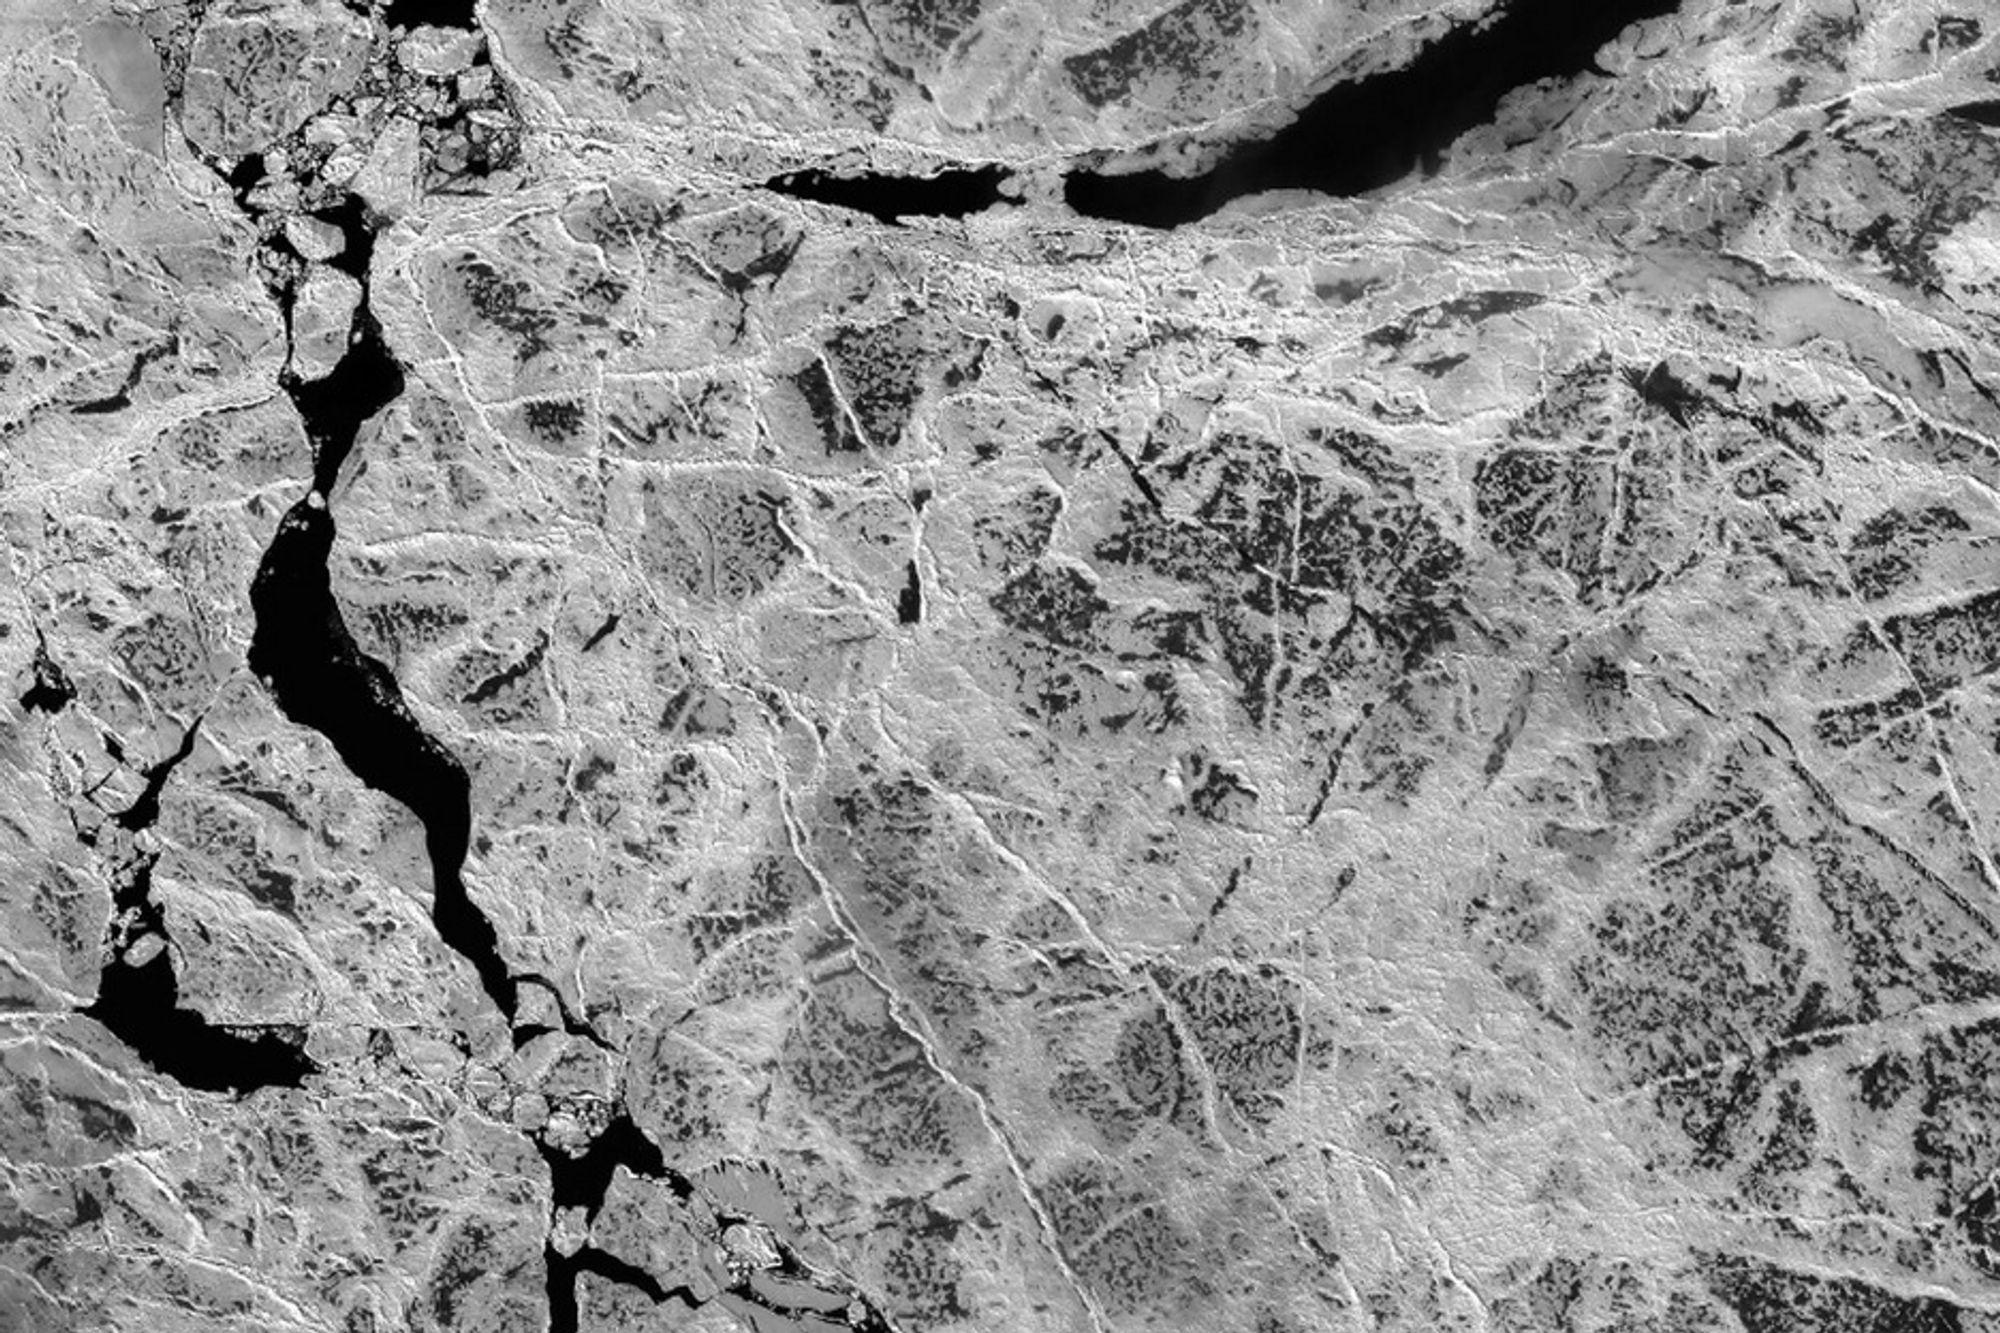 Amerikanske satellittfoto av Arktis slippes nå til offentligheten, blant annet for å hjelpe klimaforskere. Dette er fra det kanadiske Fram-stredet.